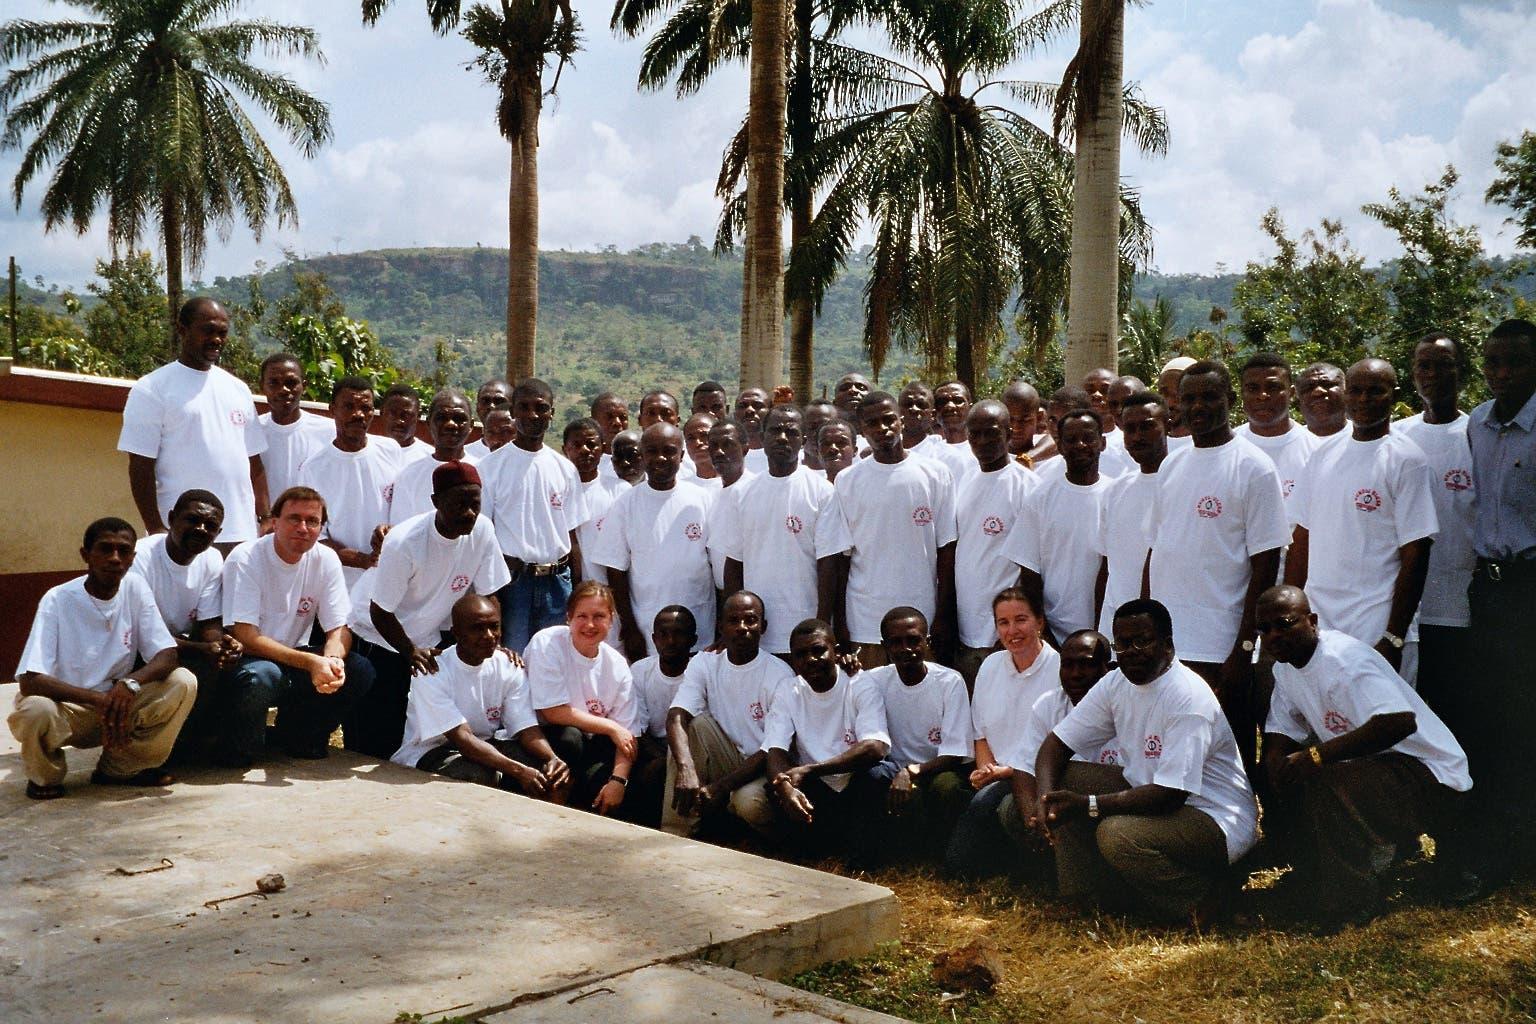 Einheimische Gesundheitshelfer beim Gruppenfoto